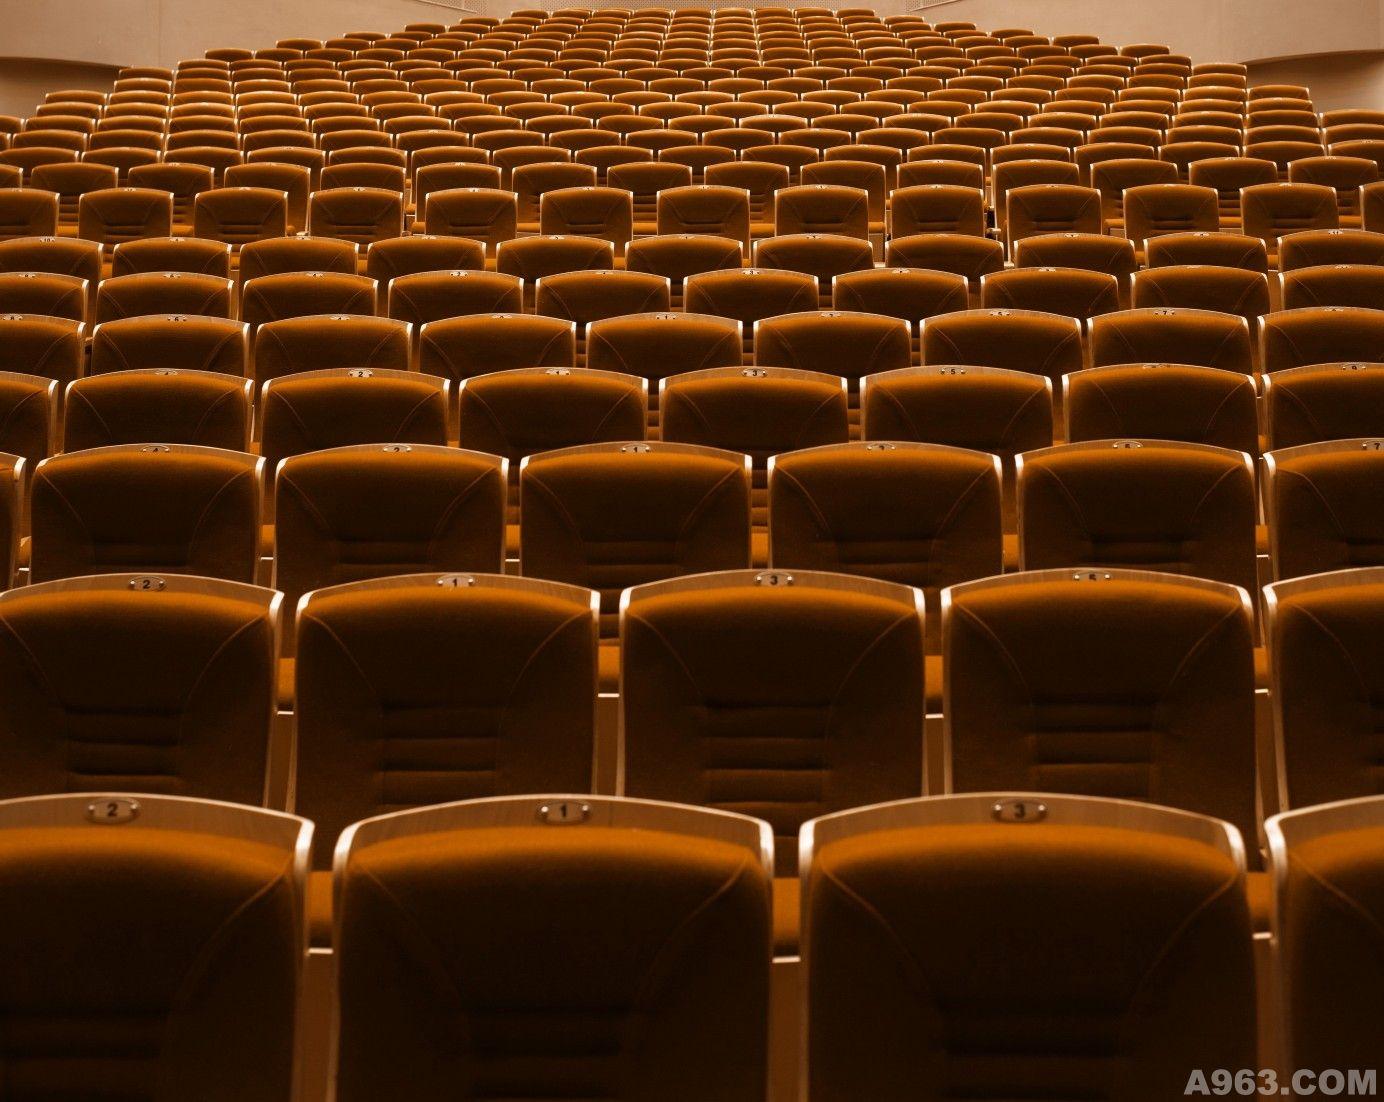 """在东四十条桥西南角,与保利大剧院隔街相望的东方剧院绝对是北京这座城市别致的所在,不是传统的正方体或者长方体,外表还全部被红铜色的金属管包裹,远远看去像一座金灿灿的管风琴,静静的俯视着如梭的车流,静静的提示着路过的人们:""""您已进入这座城市的舞台。"""" 干净纯粹,明快清透,是走进这座剧院的直观感受,大堂顶篷是剧院收藏的铜雕艺术大师的作品""""声音"""",将无形的音乐律动转化为有形的室内造型,起伏流畅的铜雕造型与舞台艺术交相辉映。咖啡厅散发着浓郁的香味,环廊陈列着大师的画作"""